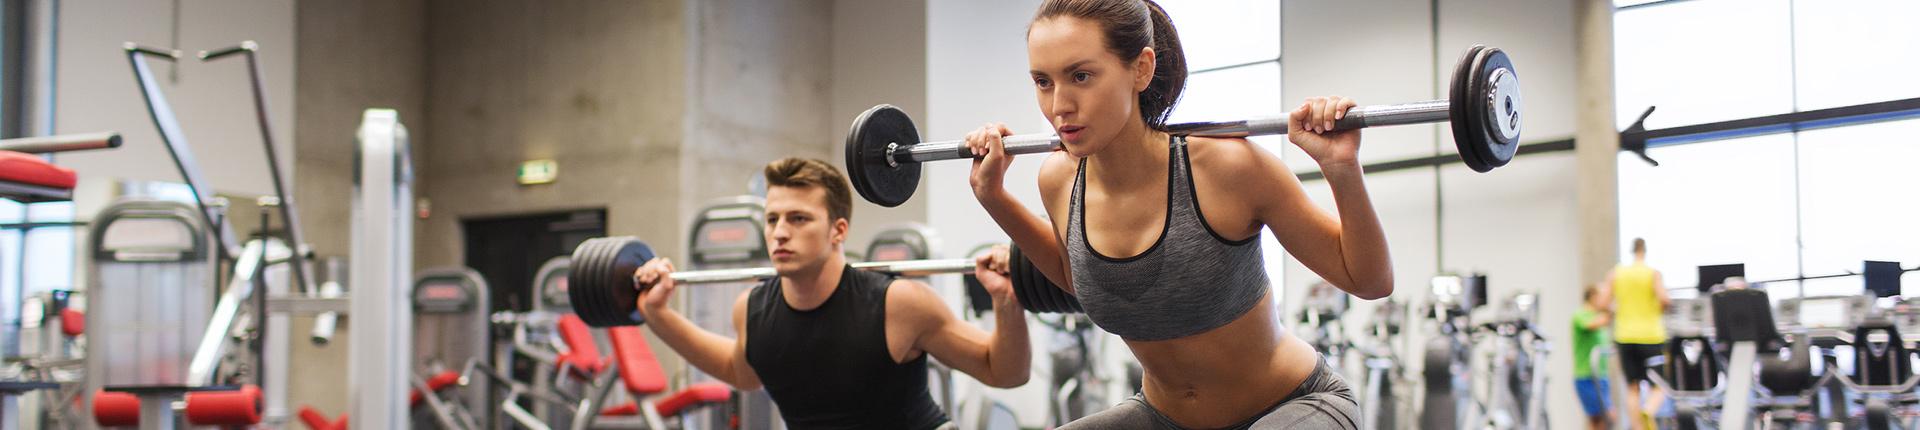 Pięć sposobów na podkręcenie, przyspieszenie metabolizmu